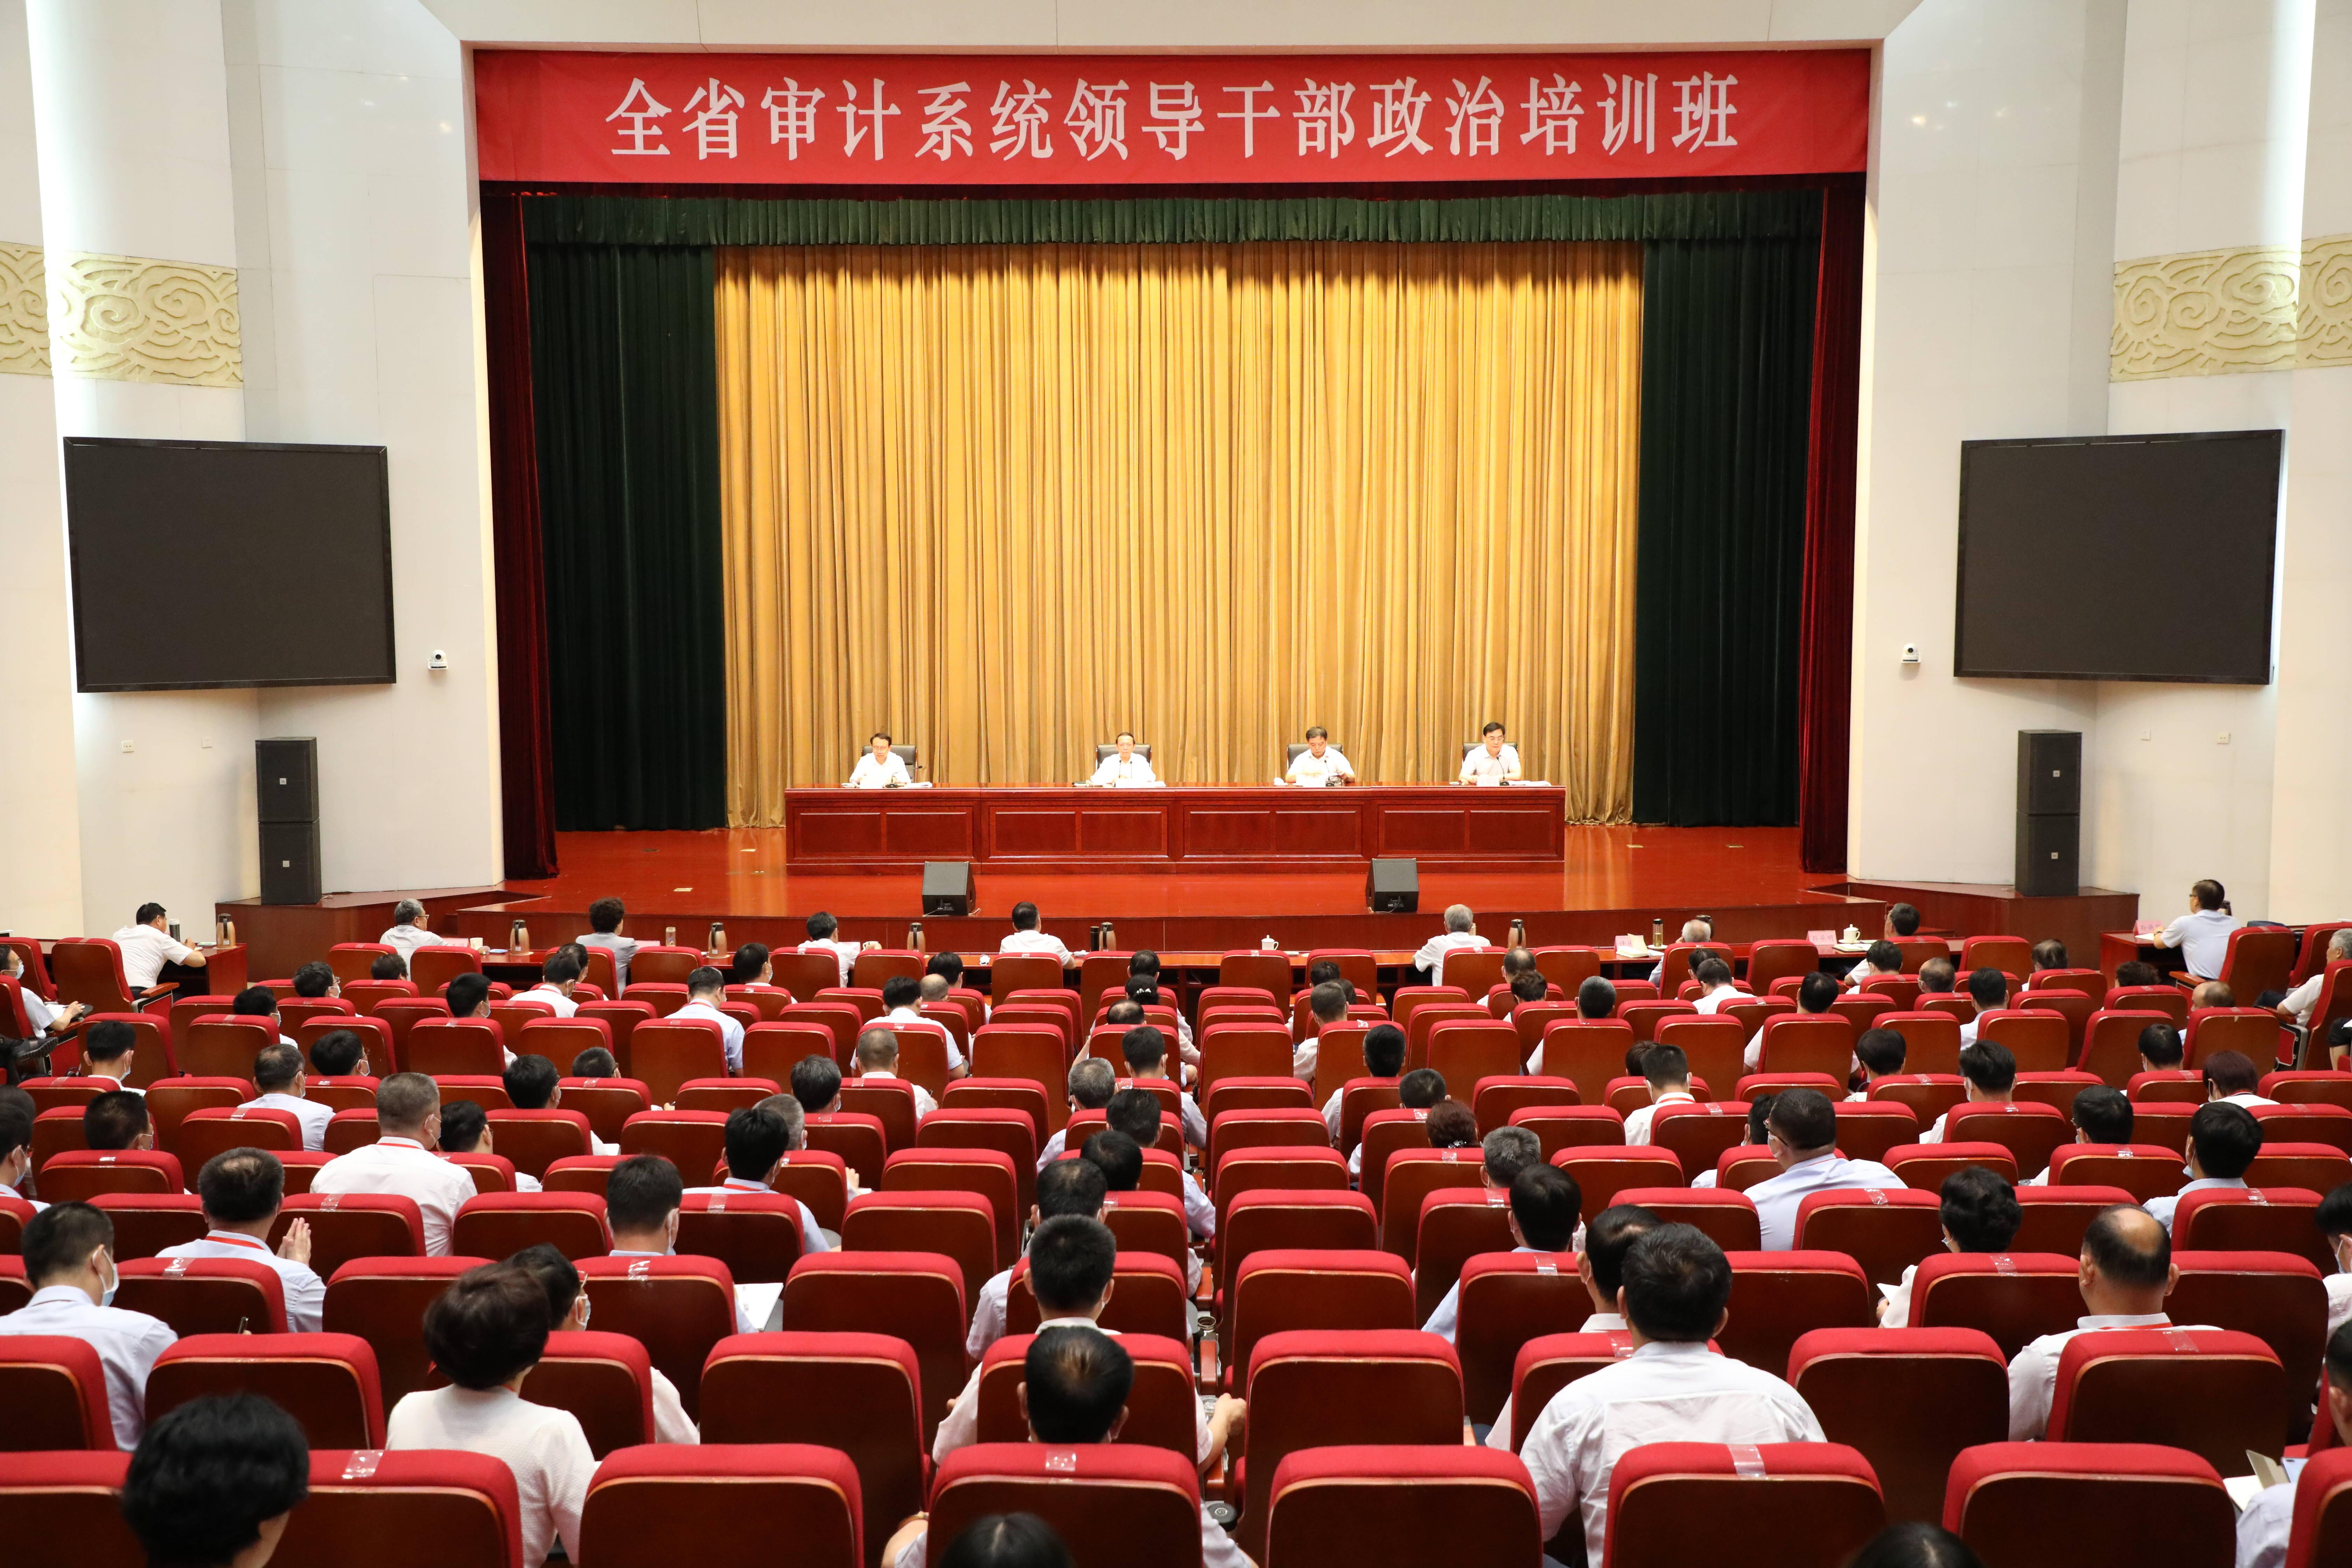 山东举办全省审计系统领导干部政治培训班 王书坚出席并讲话